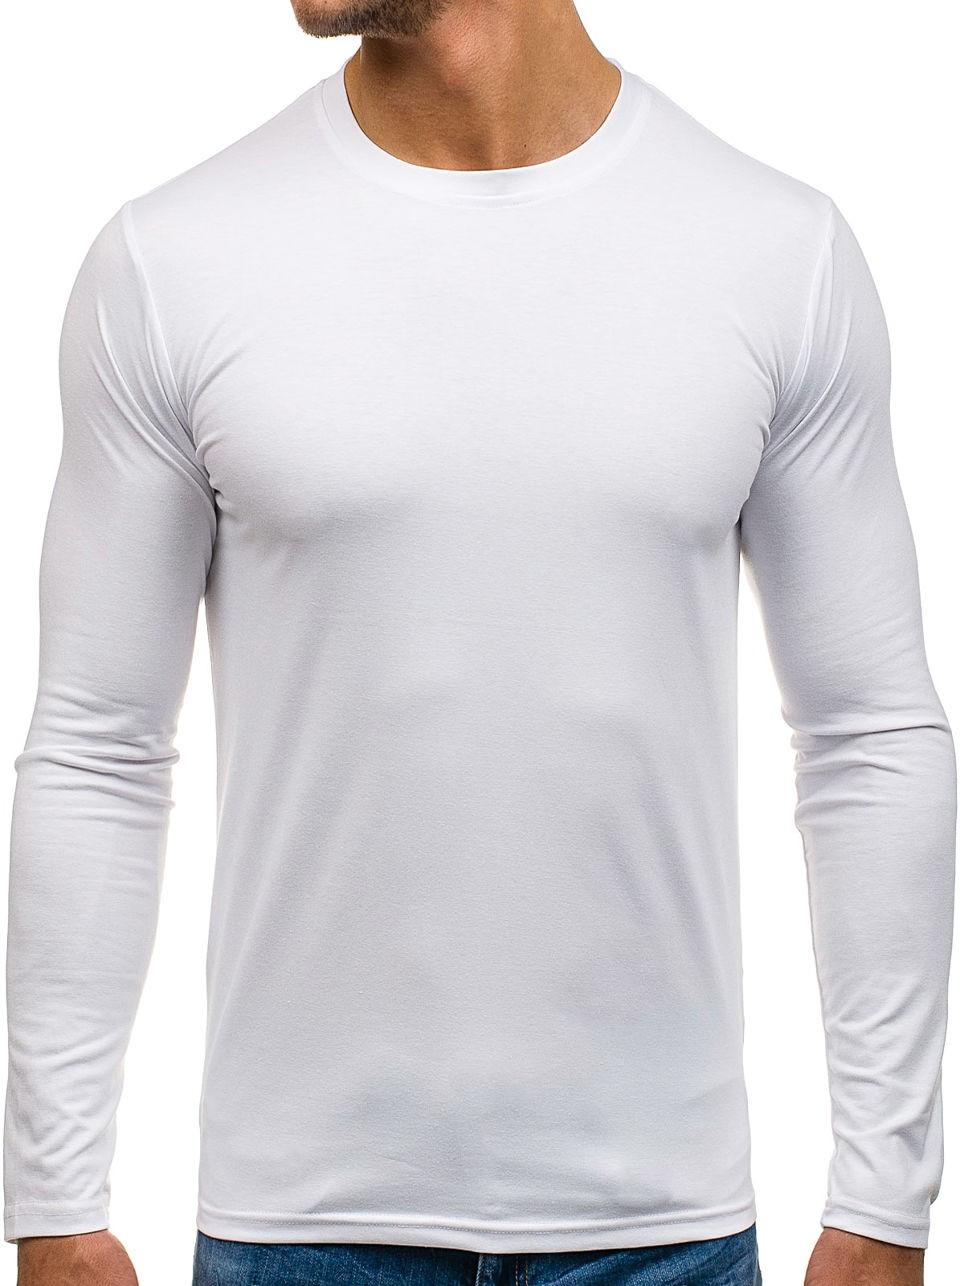 тенденции мужской моды осень зима: футболка с длинными рукавами белая